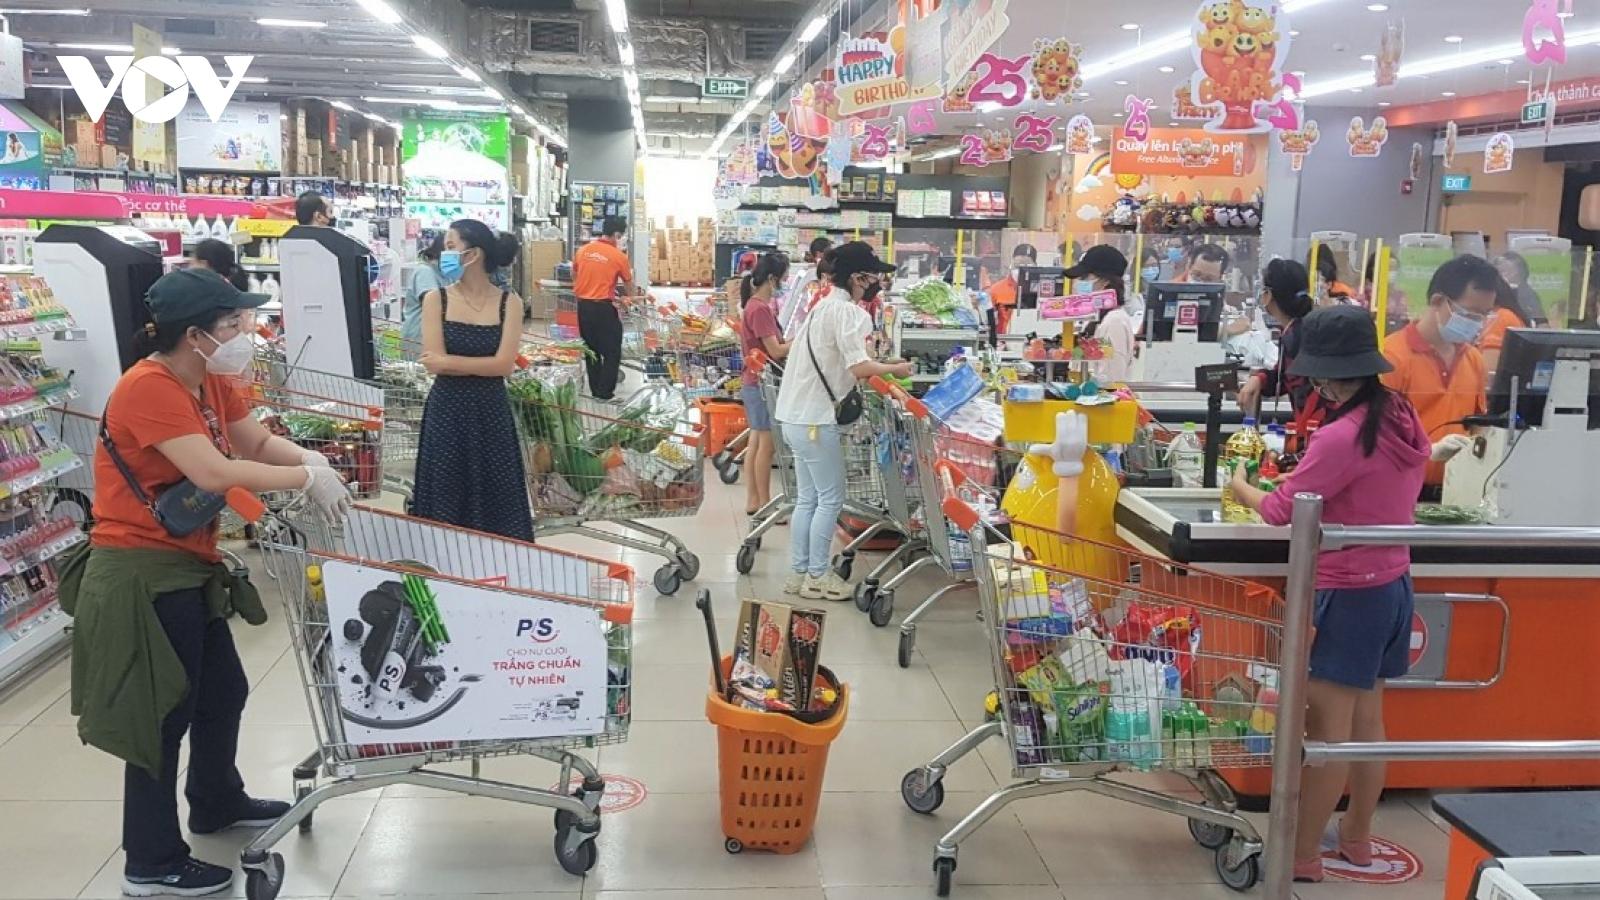 Người tiêm 2 mũi vaccine phấn khởi đi chợ, siêu thị ở vùng xanh Quận 7, TP.HCM